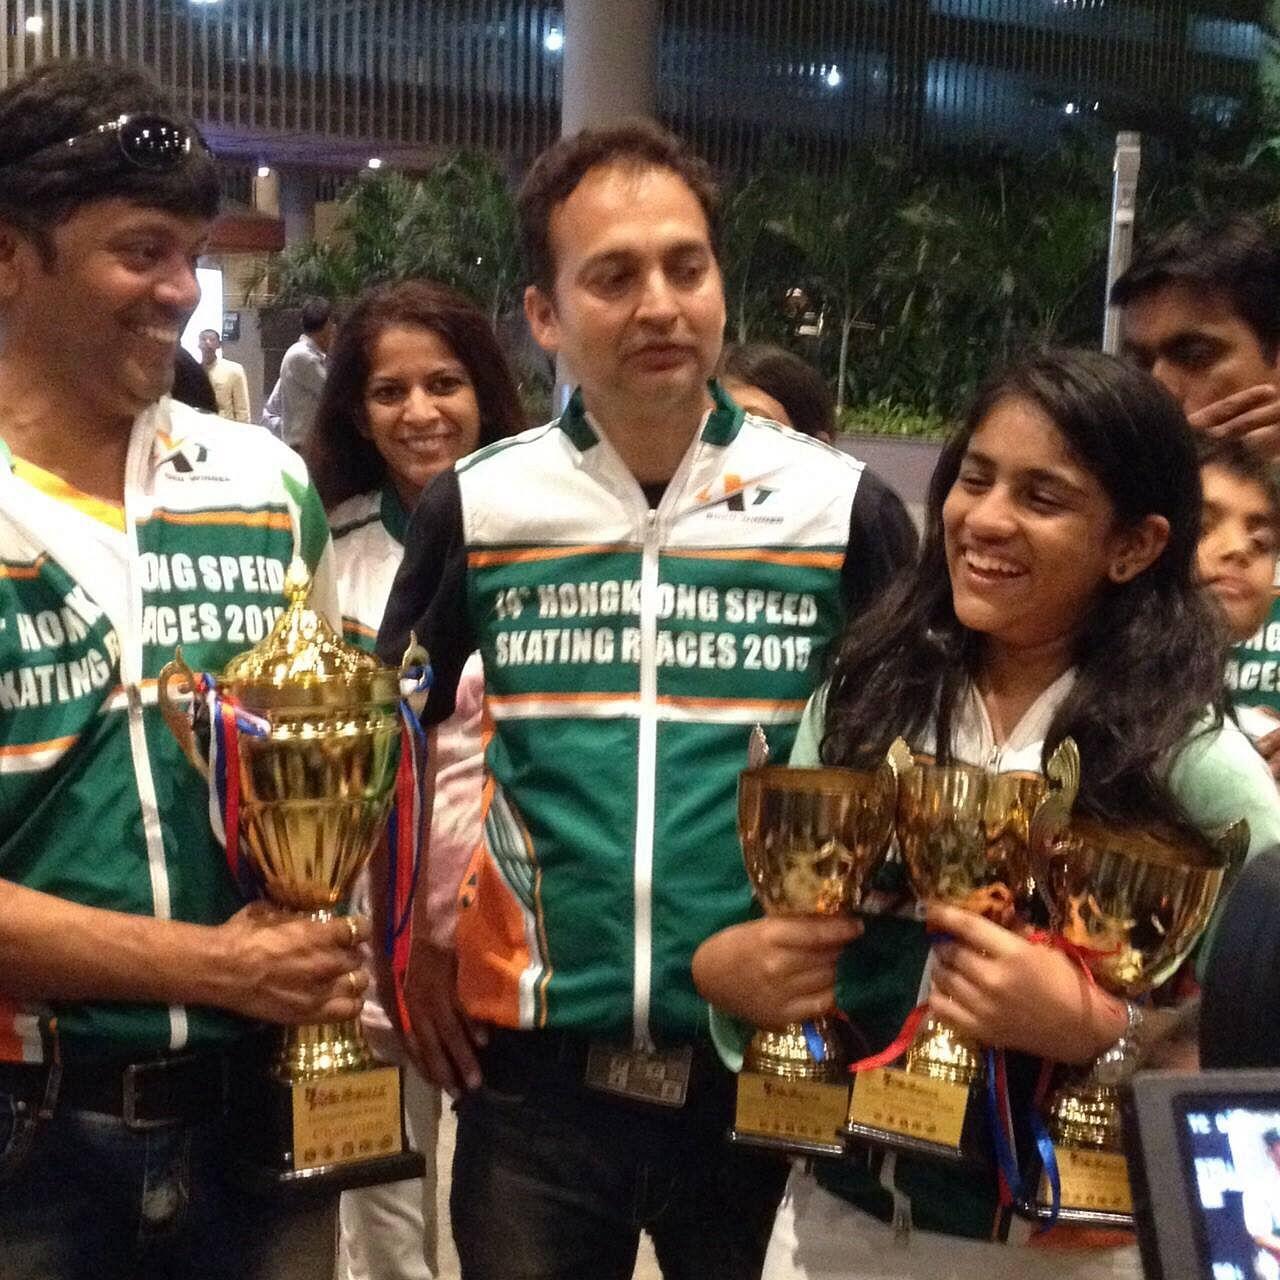 India wins 14 medals at the 14th Hong Kong Speed Skating Championships